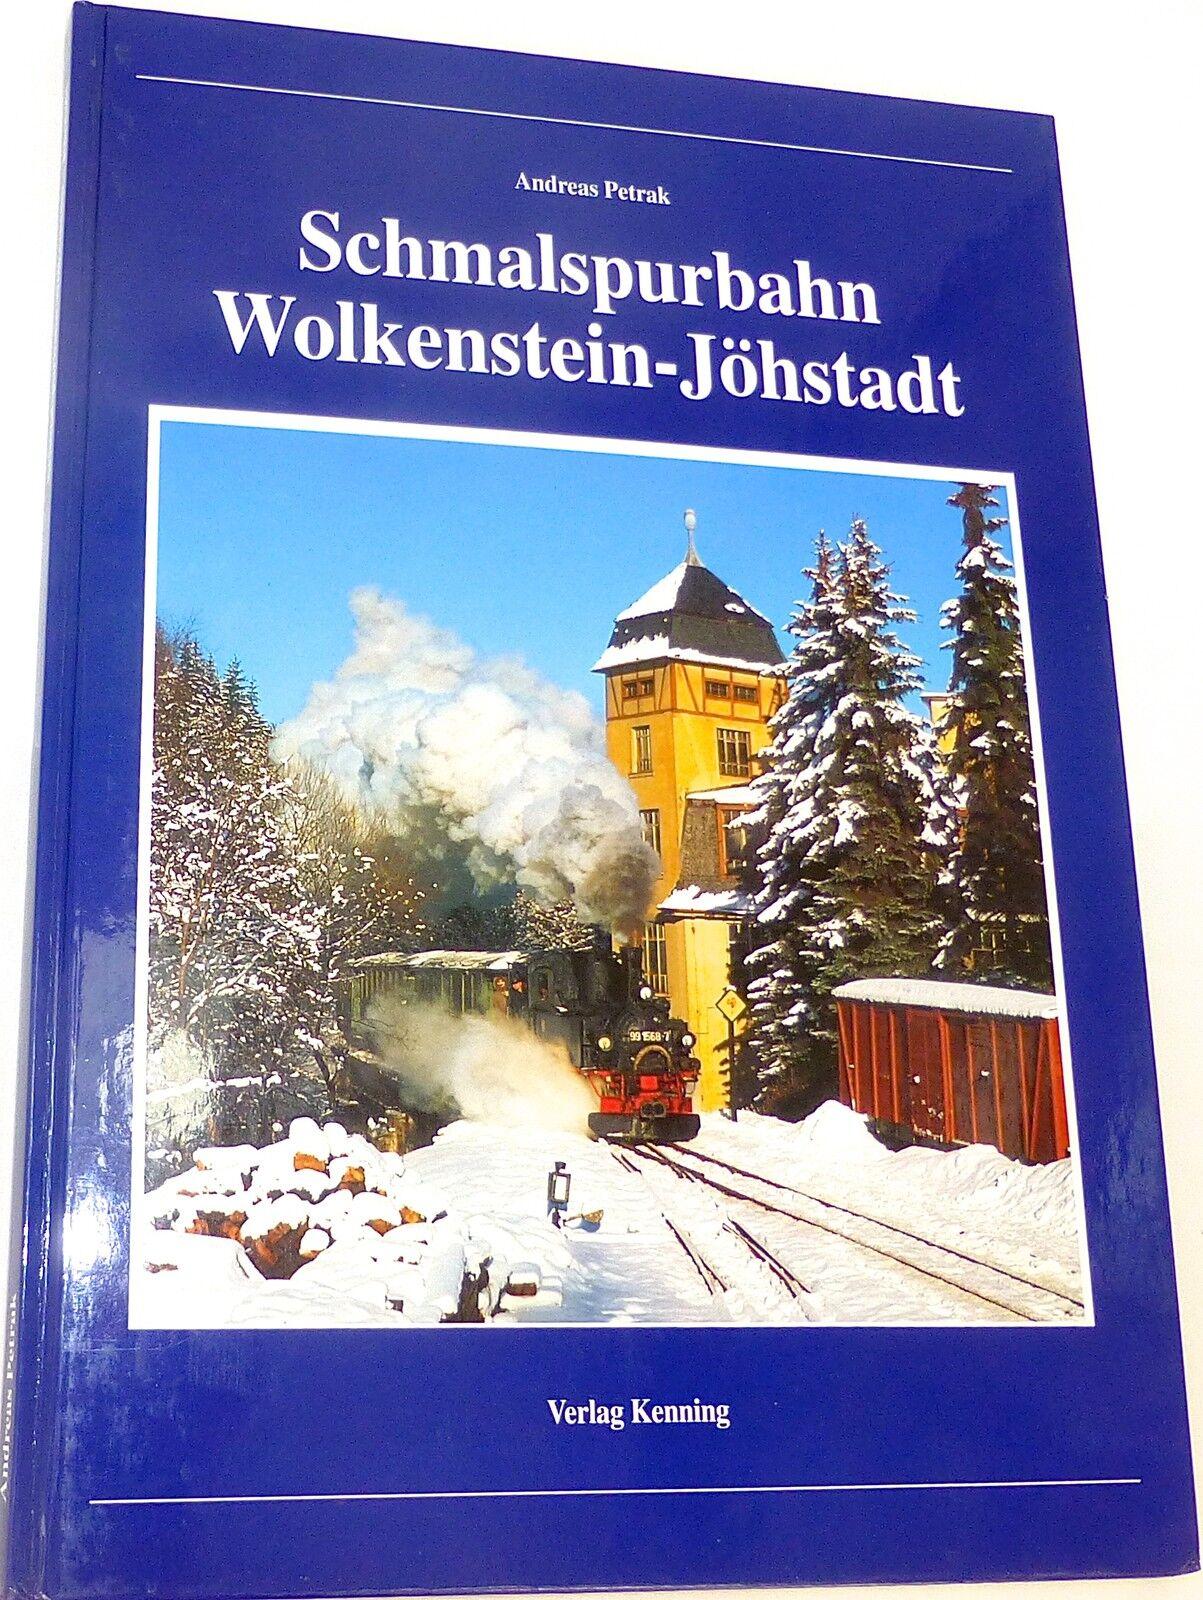 Carreggiata stretta nuvole Ferroviario Pietra jöhnstadt Andreas Petrak Verlag Kenning bello Å